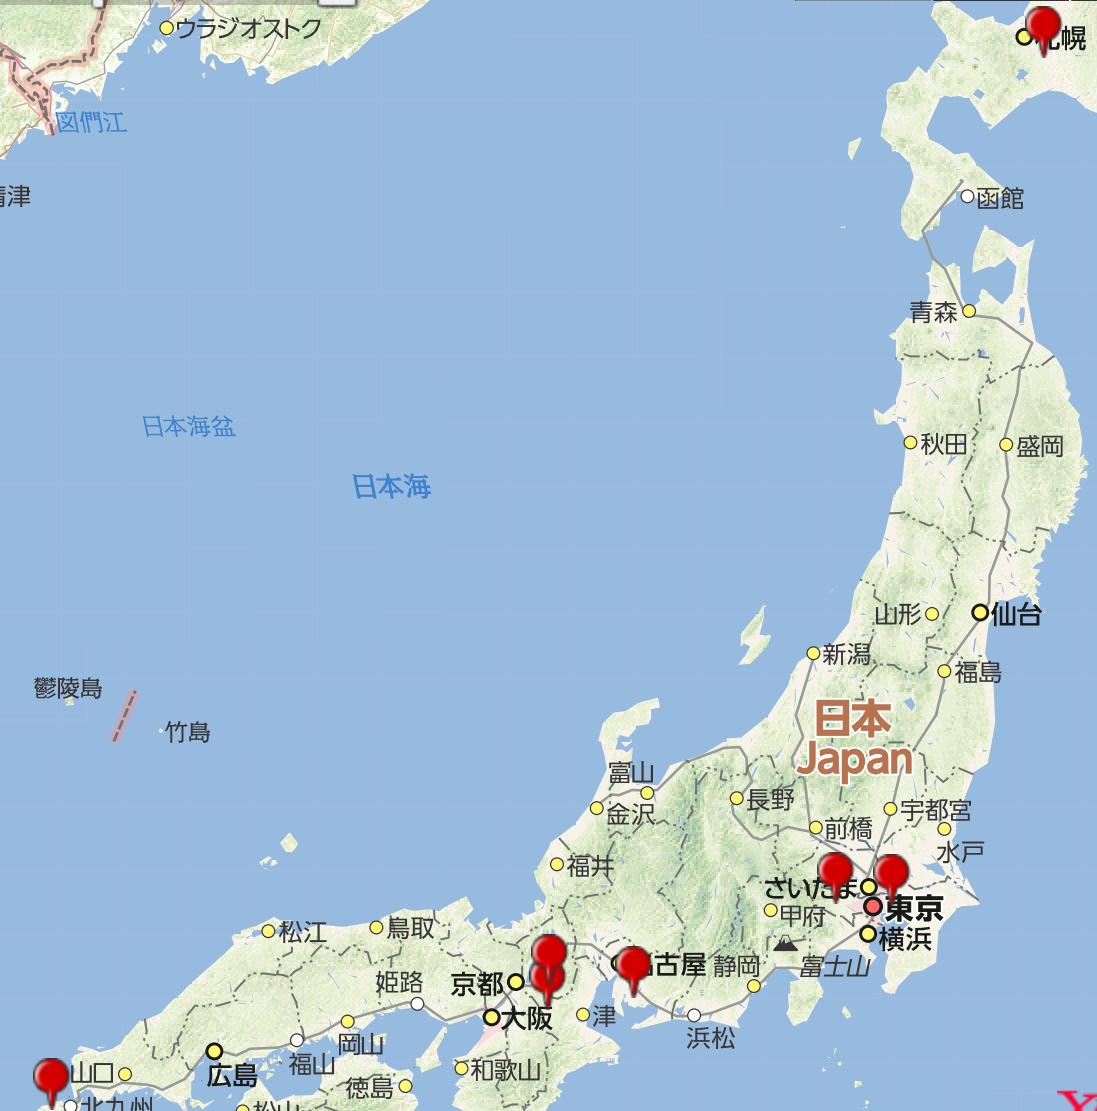 リユースショップ買取専門店わかばの10月のオープン店MAP